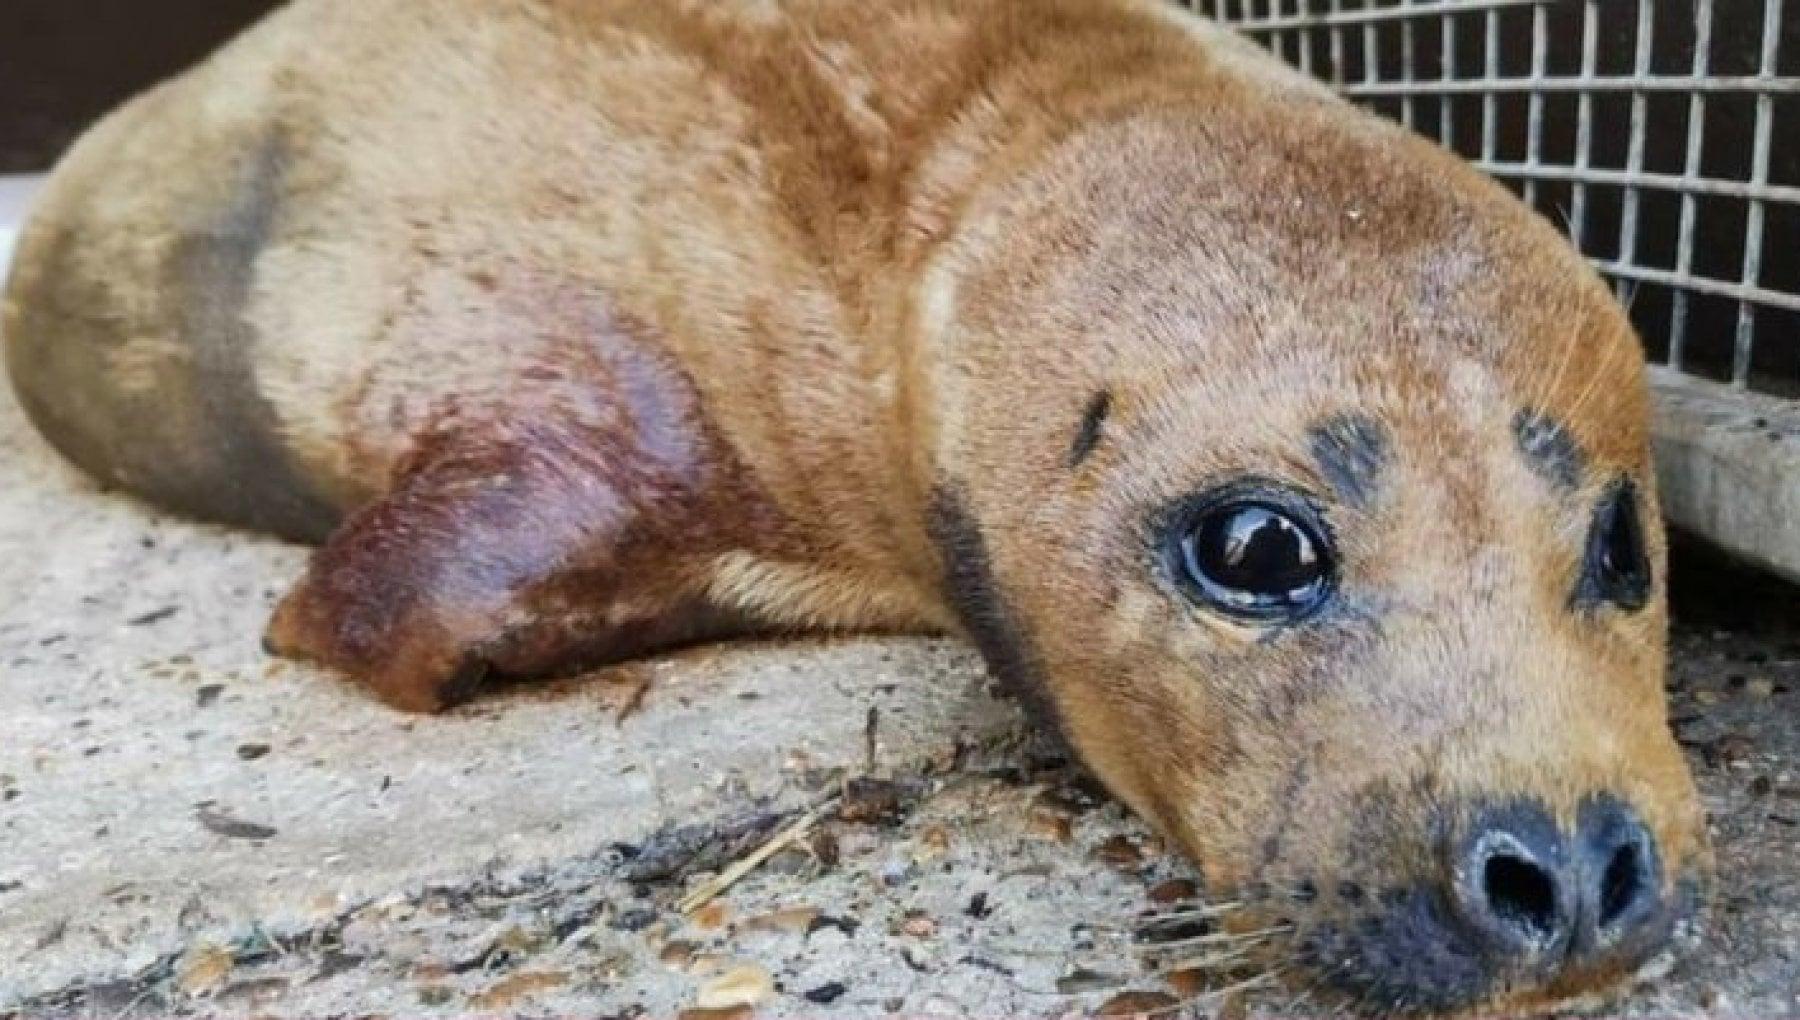 173114157 6ffe26b3 9bd1 43dc b945 acf03f69d1de - Addio a Freddy Mercury, il cucciolo di foca attaccato e ucciso da un cane: era la star del Tamigi